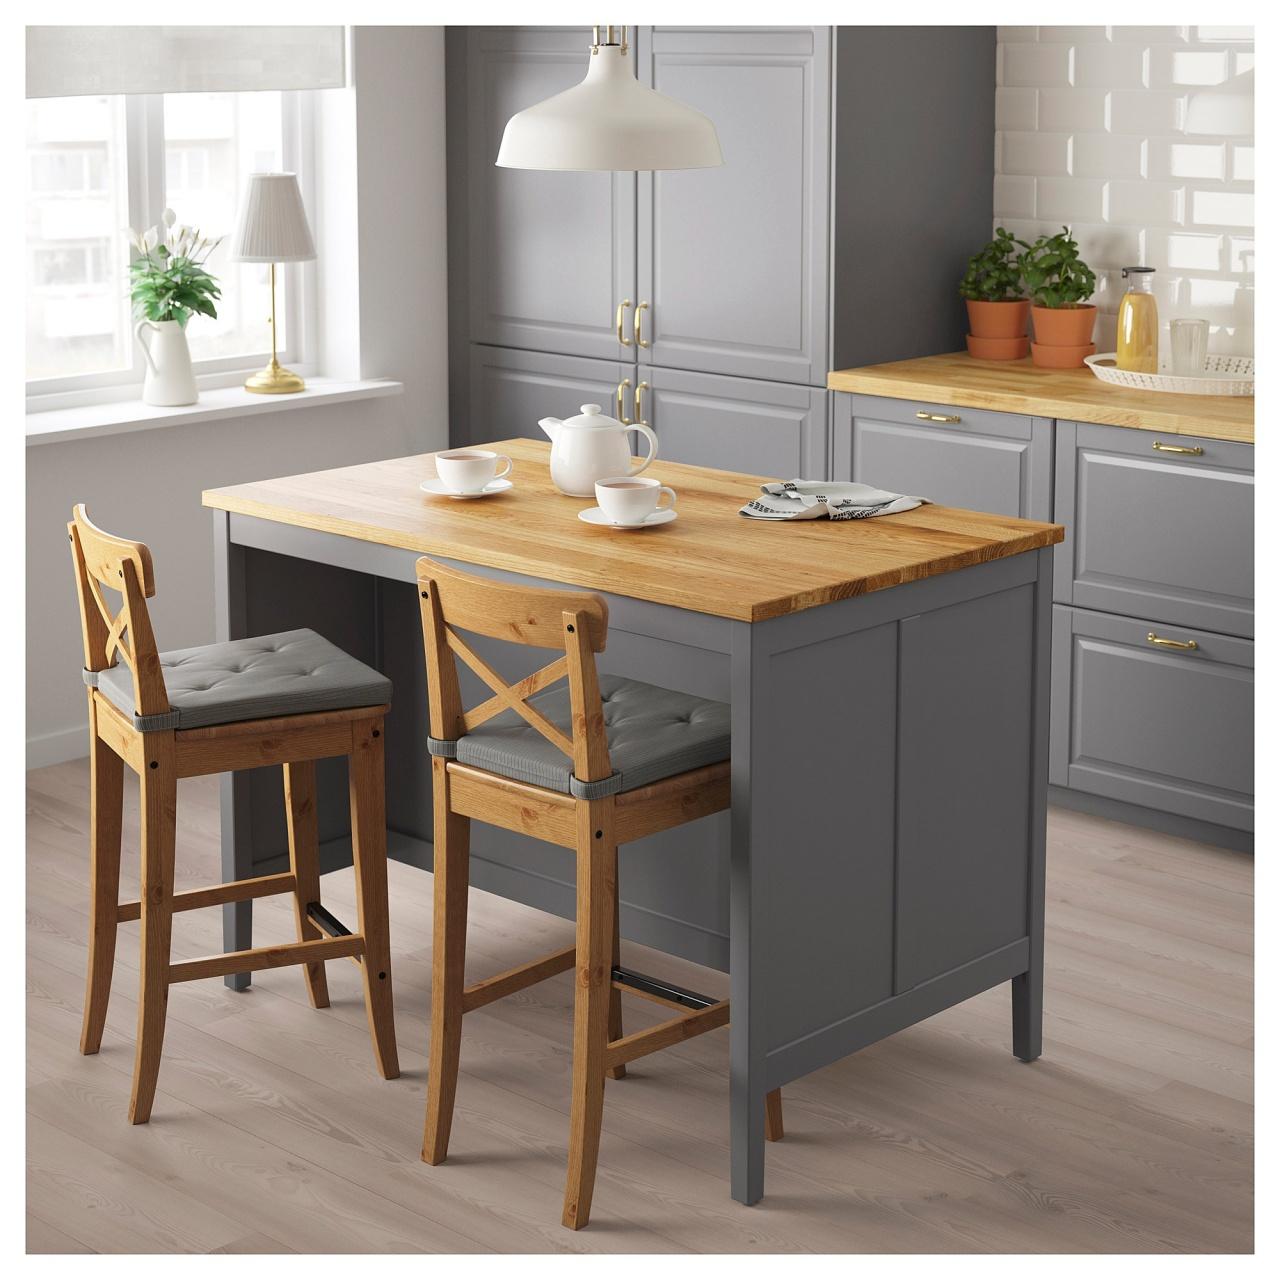 Full Size of Ikea Küche Värde Walmart Kitchen Cabinets Is The Festive Bake Outyet From Rosa Fliesenspiegel Glas Billig Grifflose Landhausstil Günstig Mit Elektrogeräten Wohnzimmer Ikea Küche Värde